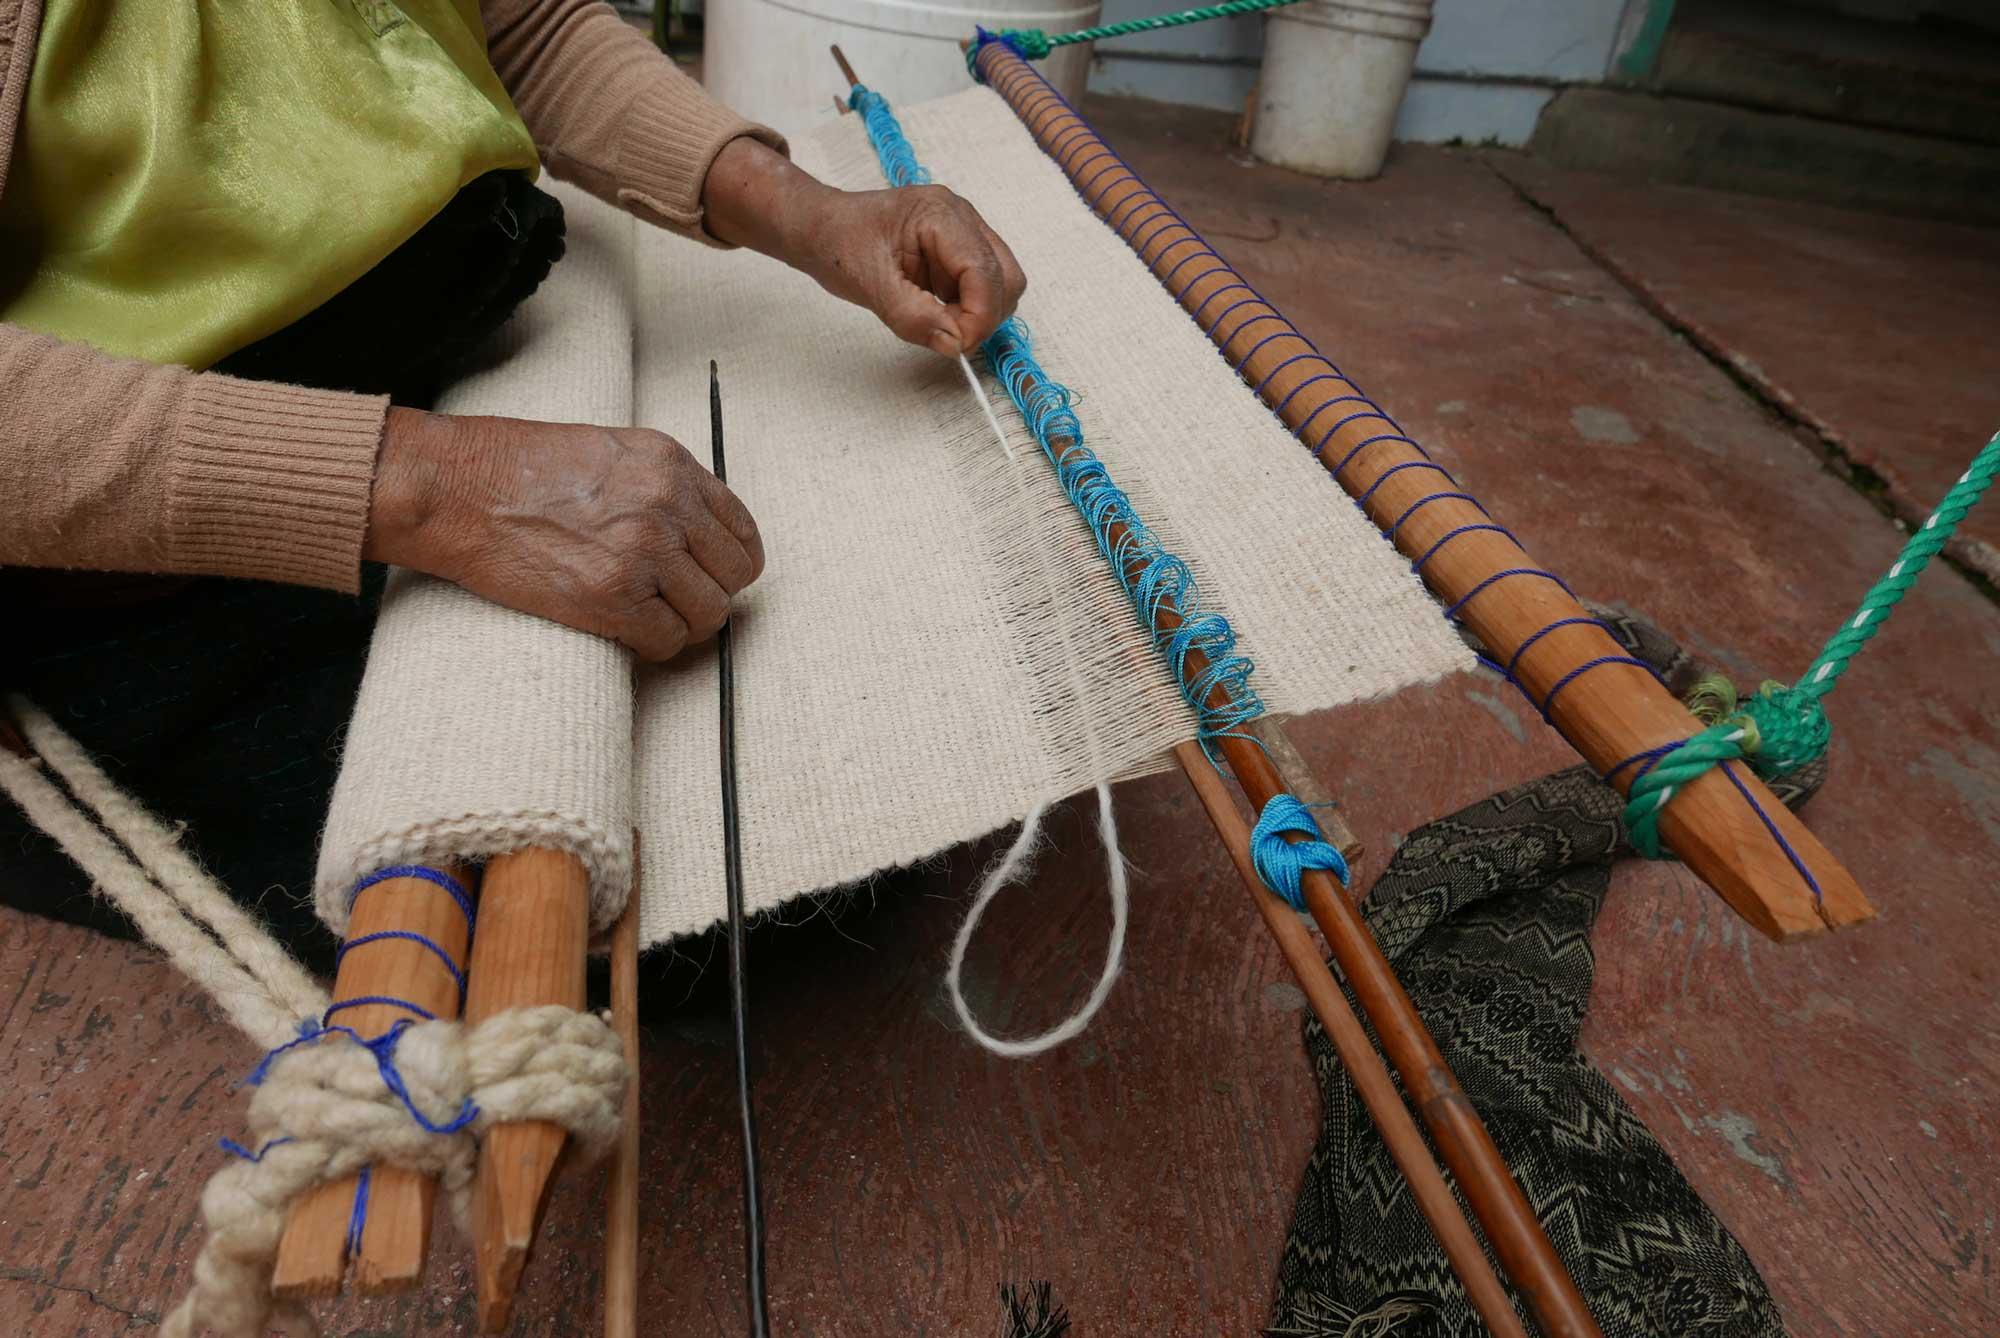 Artisan Backstrap Weaving Wool Textiles Chamula Chiapas Mexico